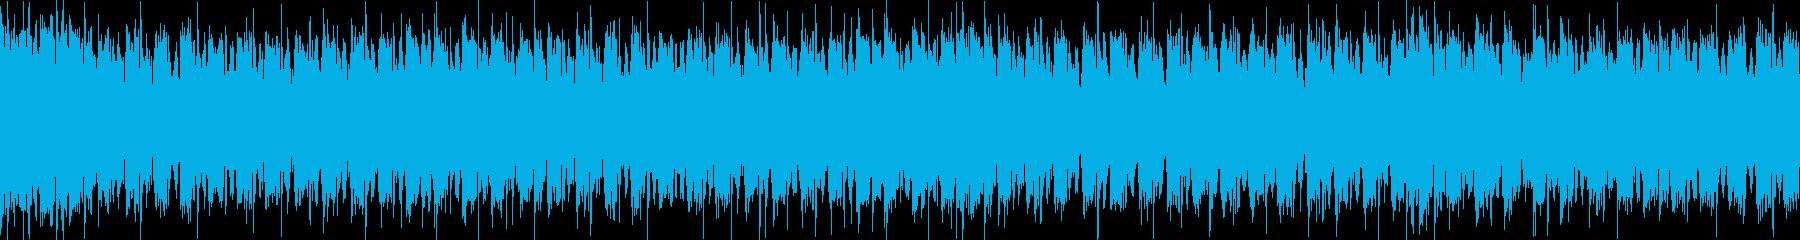 ジャジーなピアノおしゃれポップループcの再生済みの波形